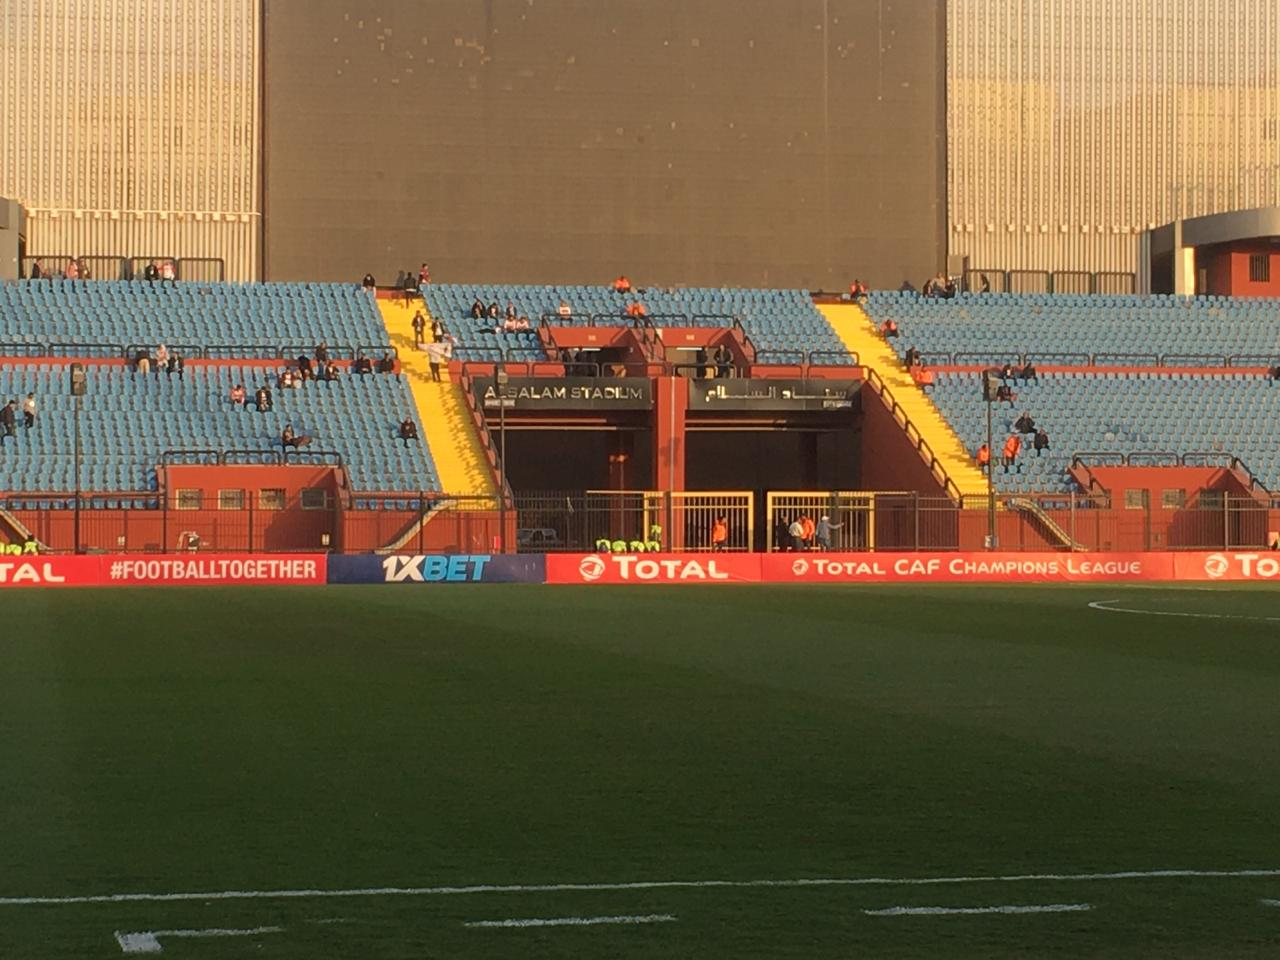 جماهير الزمالك تبدأ فى التوافد على ملعب مواجهة مازيمبى